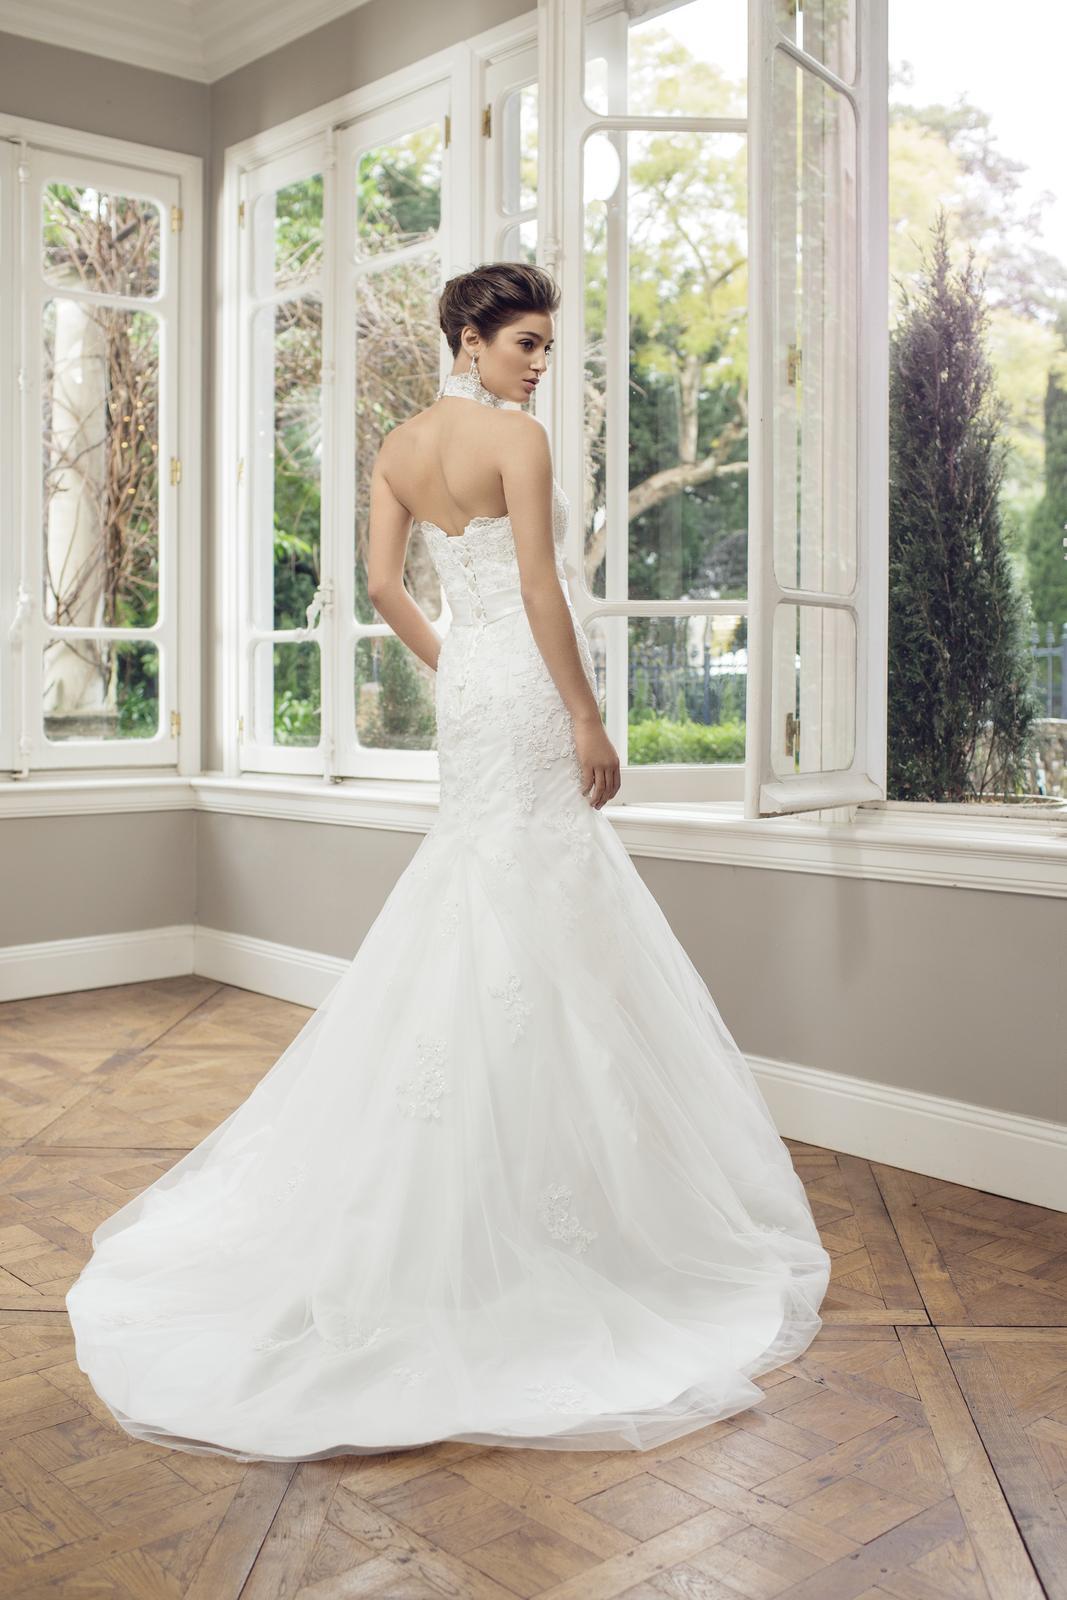 Svatební šaty Mia Solano M1421L - Obrázek č. 2